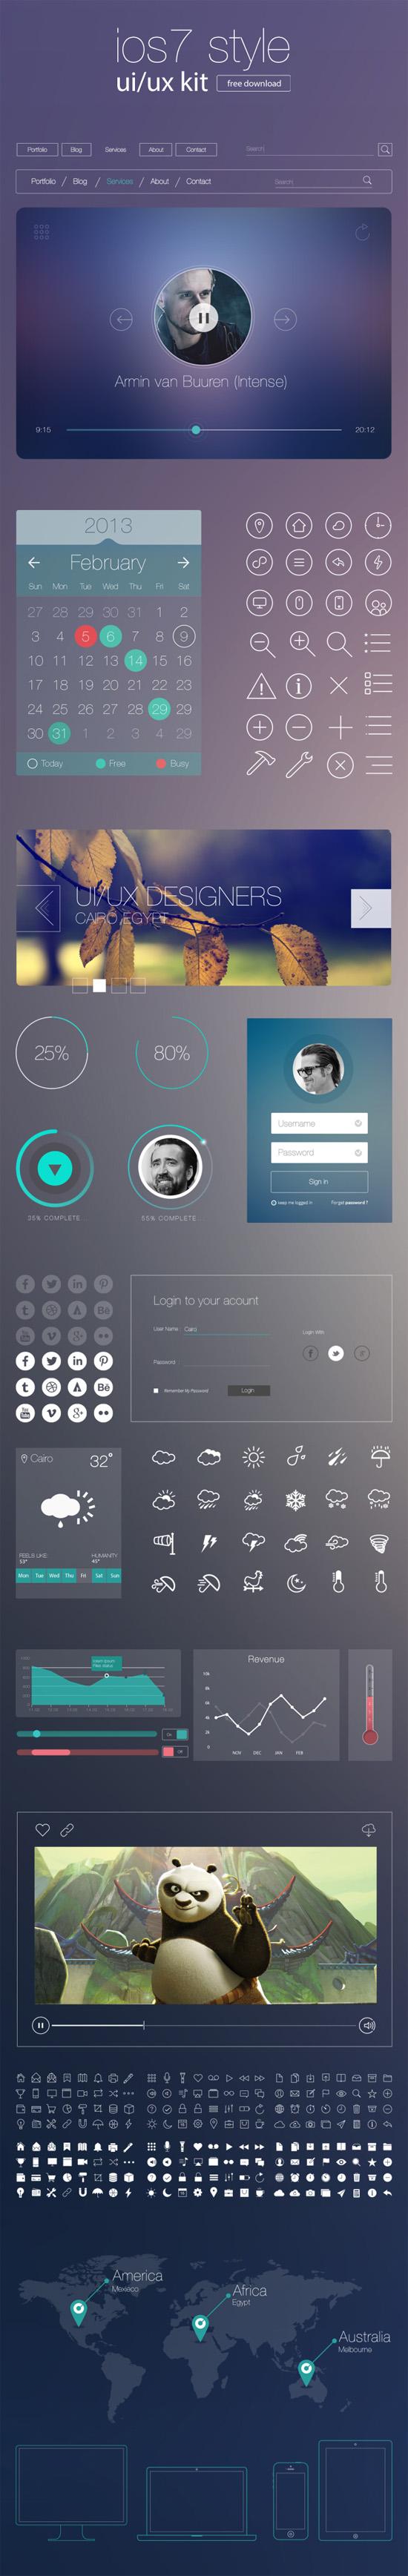 最新的IOS7风格UI组件免费下载